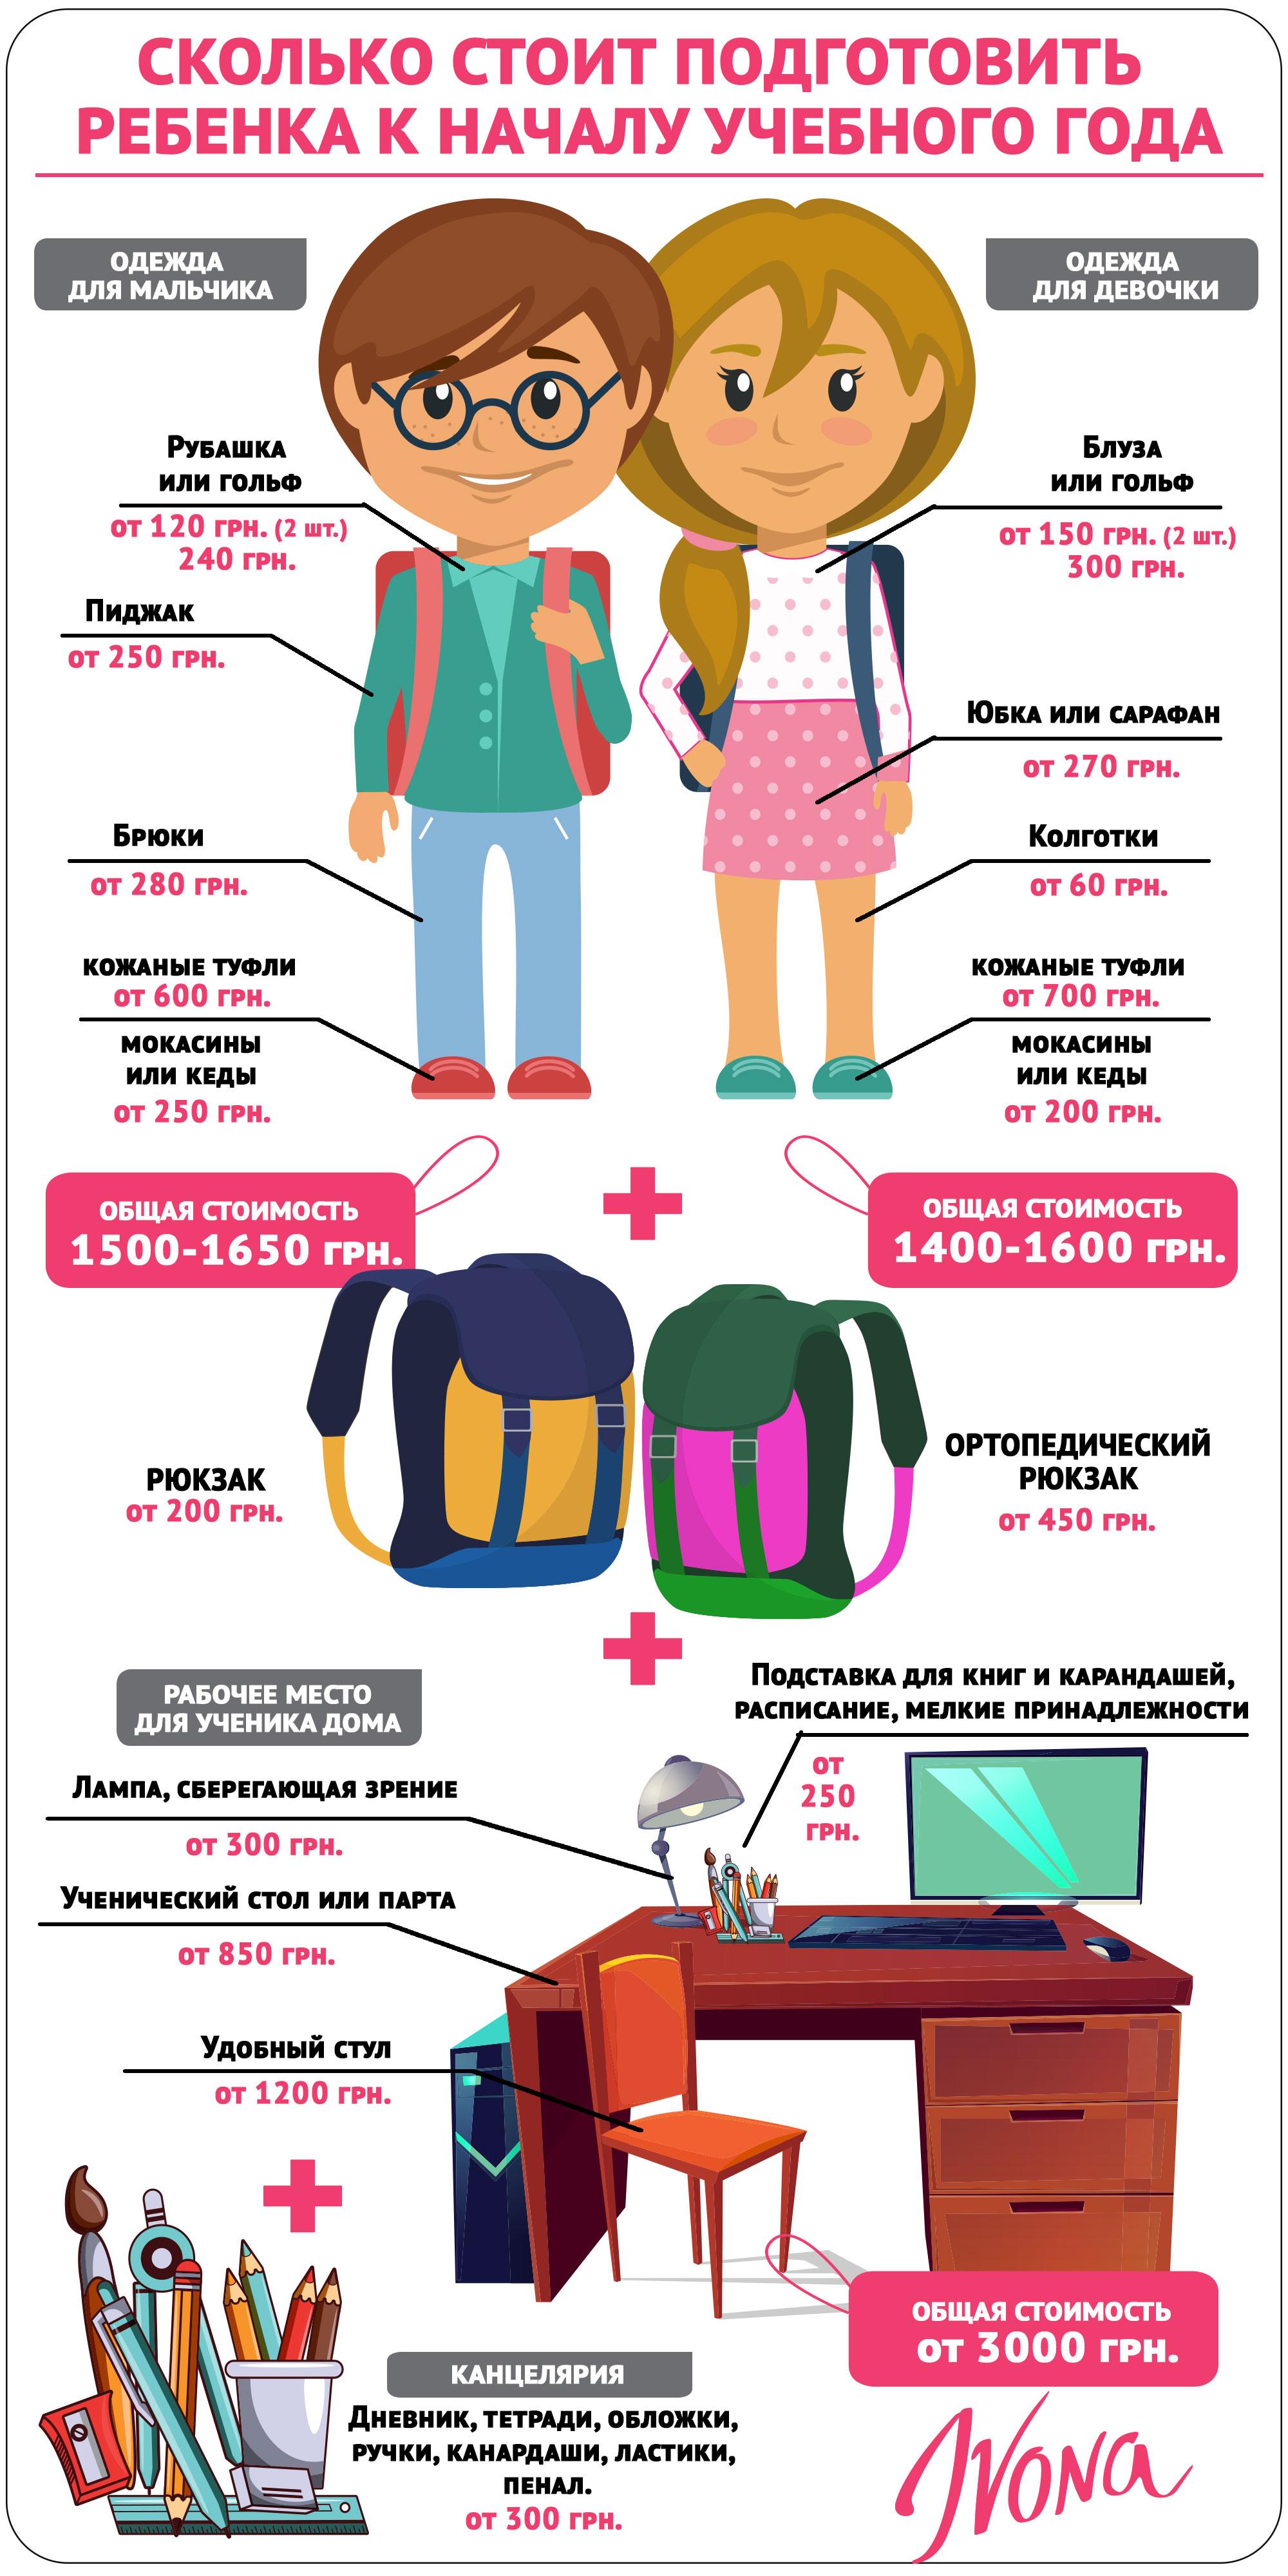 Школьный шопинг: Что нужно обязательно купить к школе и сколько это стоит - инфографика